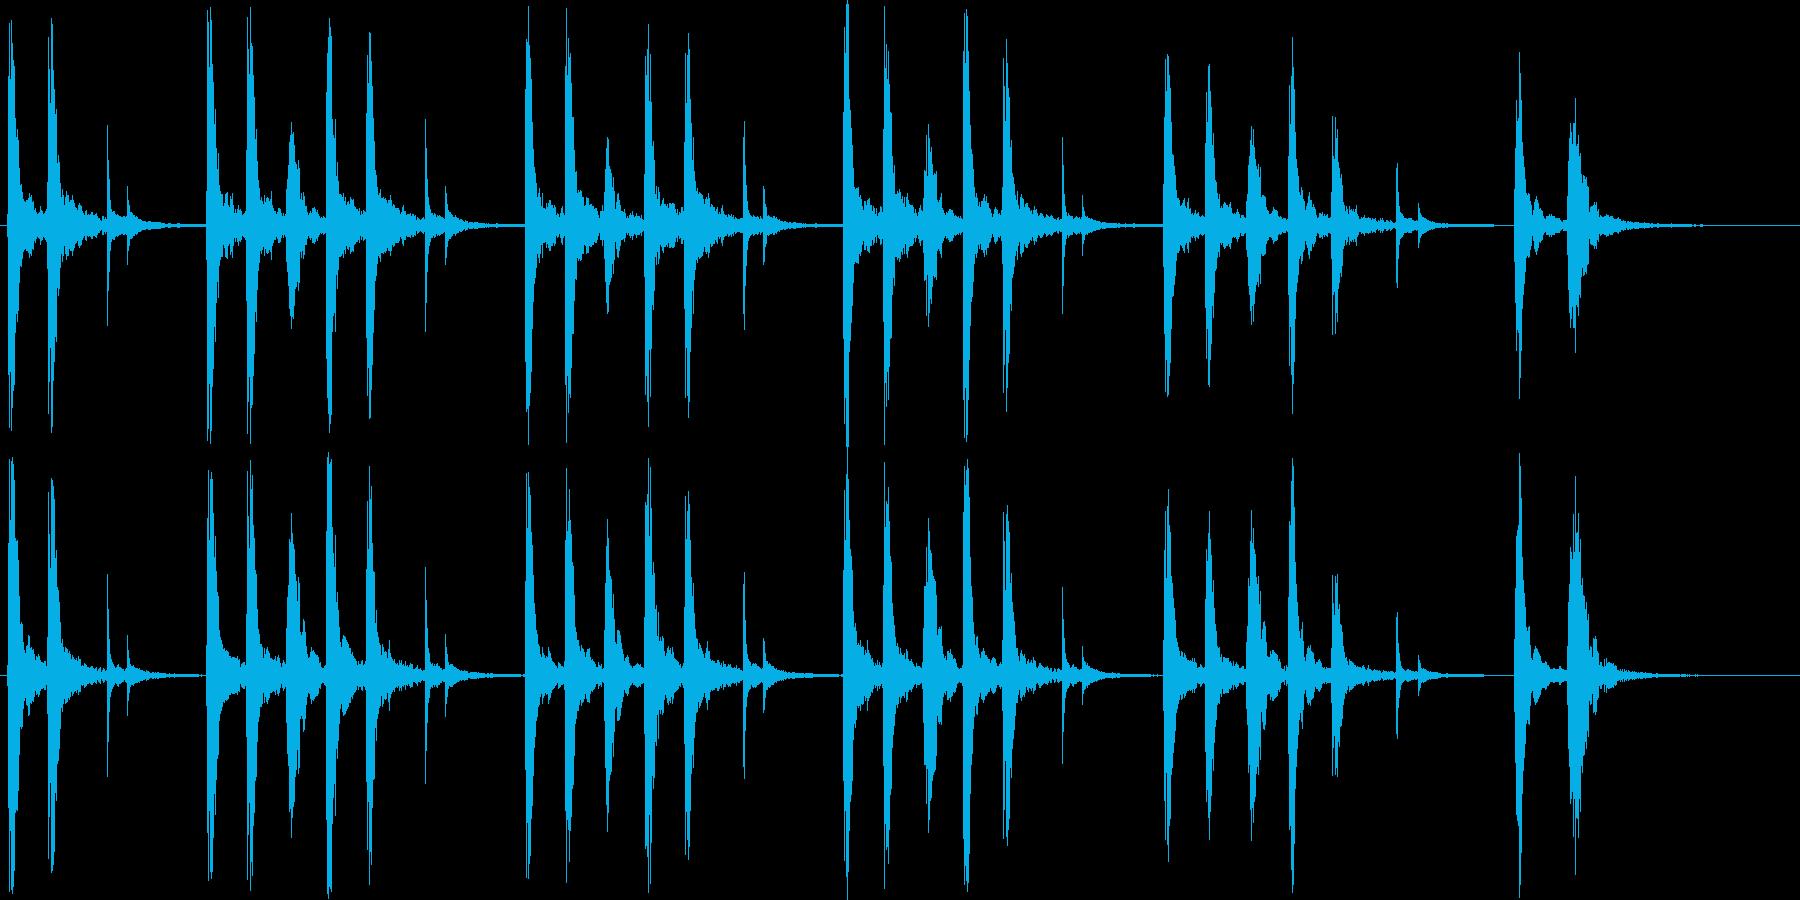 リズミカルで楽しげなポップスの再生済みの波形